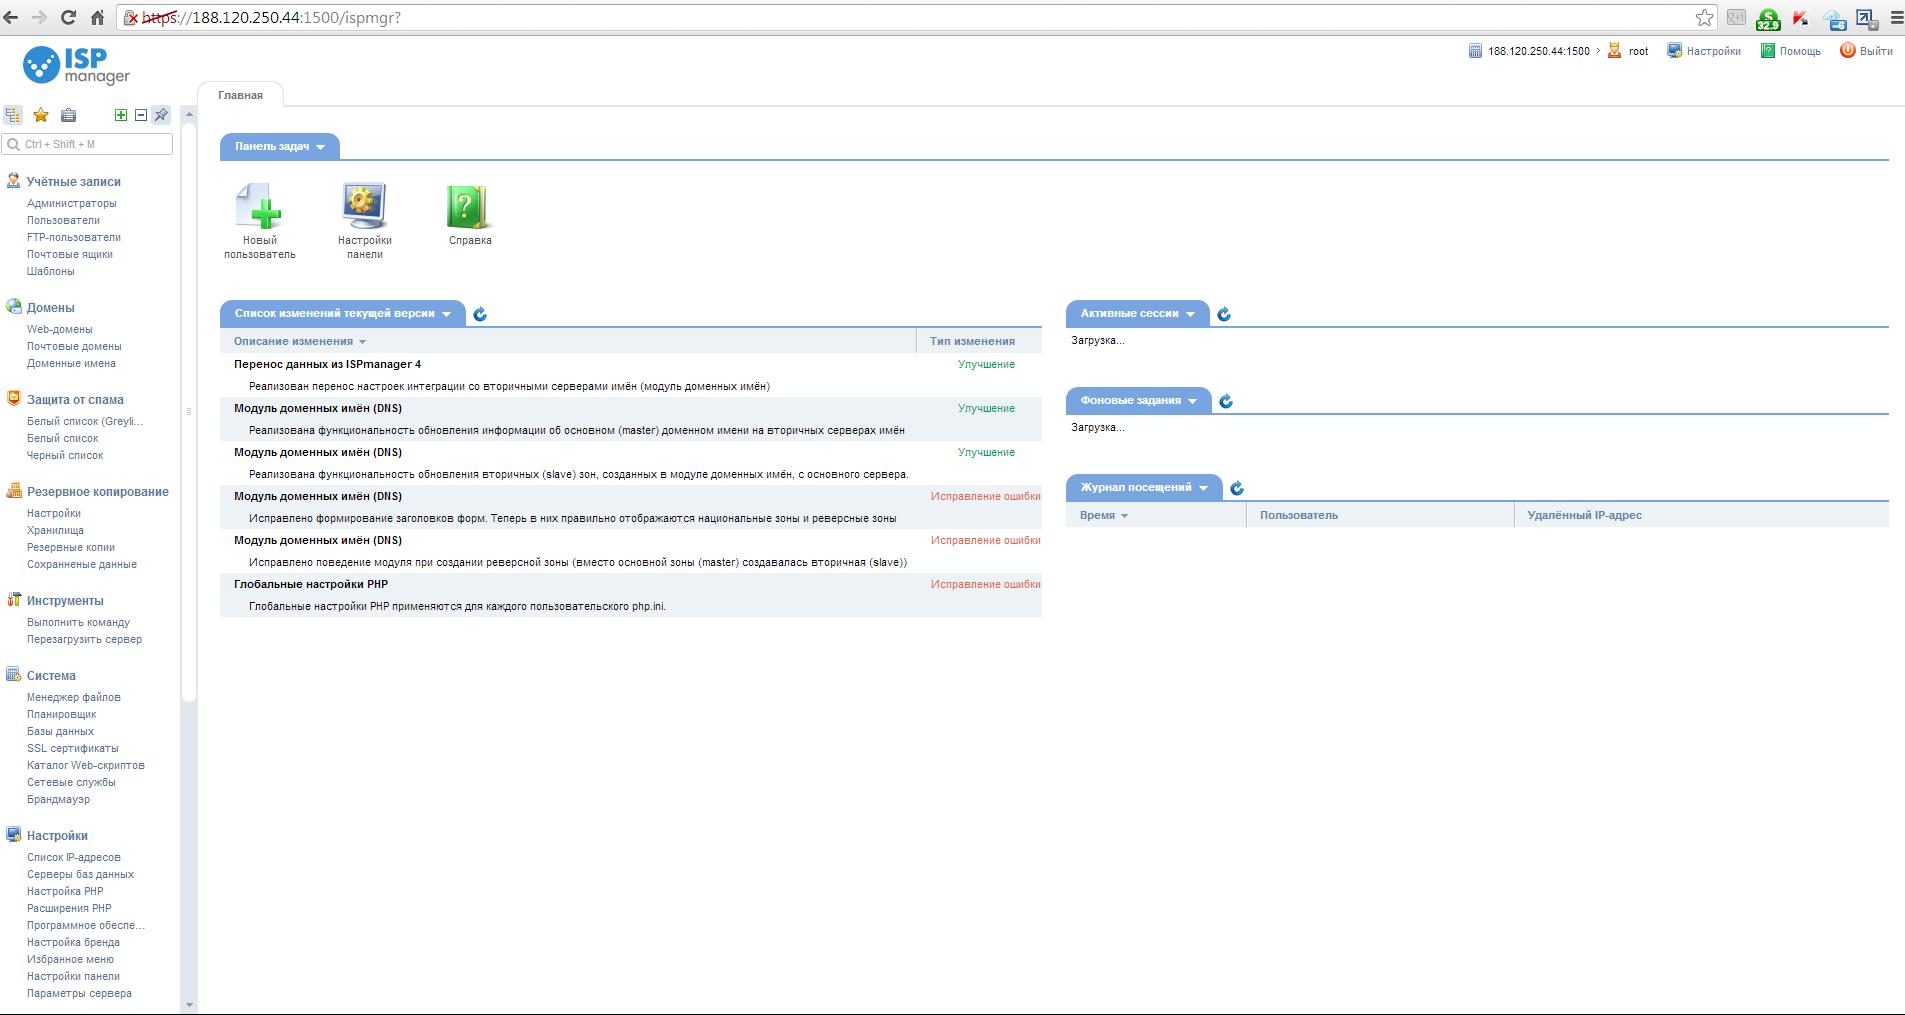 Тестовый аккаунт хостинга c ispmanager создание сайтов самостоятельно с нуля бесплатно пошаговая инструкция